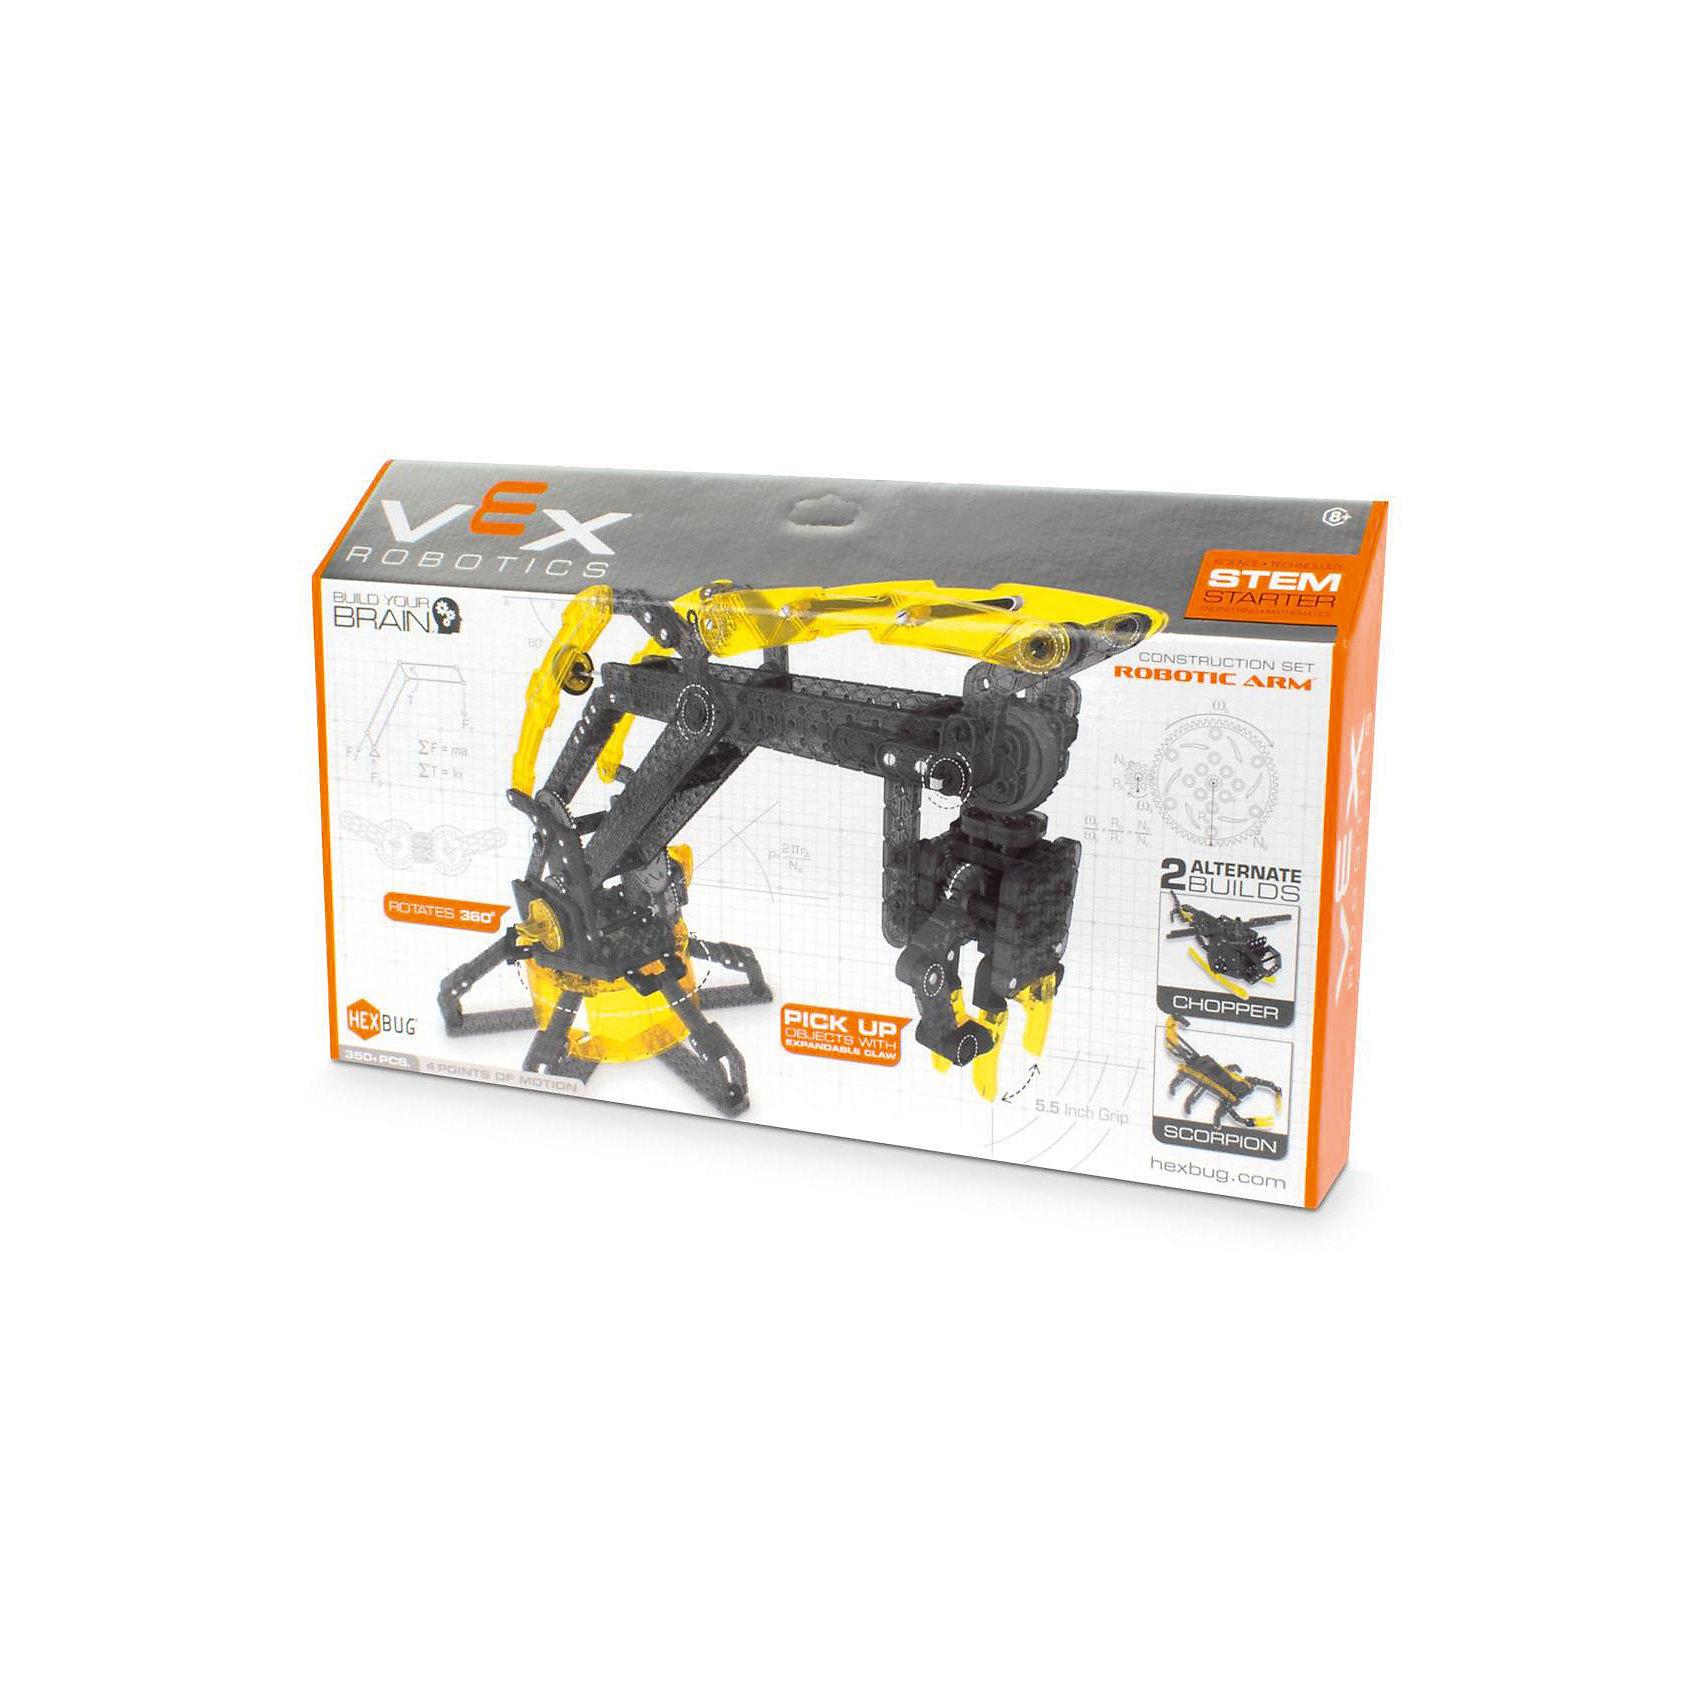 Конструктор VEX Robotic Arm, HexbugПластмассовые конструкторы<br>Конструктор VEX Robotic Arm, Hexbug (Хексбаг)<br><br>Характеристики:<br><br>• моторизированная модель манипулятора робота<br>• может передвигать предметы<br>• количество элементов: 350<br>• материал: пластик, металл<br><br>Конструктор VEX Robotic Arm наглядно познакомит ребенка с основами механики. Из 330 деталей вы сможете собрать моторизированную модель манипулятора робота. Управляя роботом, вы сможете поднять и переместить небольшие предметы. Конструктор собирается вручную, без применения инструментов и клея. С такой увлекательной игрушкой ребенок никогда не заскучает!<br><br>Конструктор VEX Robotic Arm, Hexbug (Хексбаг) можно купить в нашем интернет-магазине.<br><br>Ширина мм: 270<br>Глубина мм: 60<br>Высота мм: 460<br>Вес г: 1260<br>Возраст от месяцев: 36<br>Возраст до месяцев: 2147483647<br>Пол: Унисекс<br>Возраст: Детский<br>SKU: 5507203